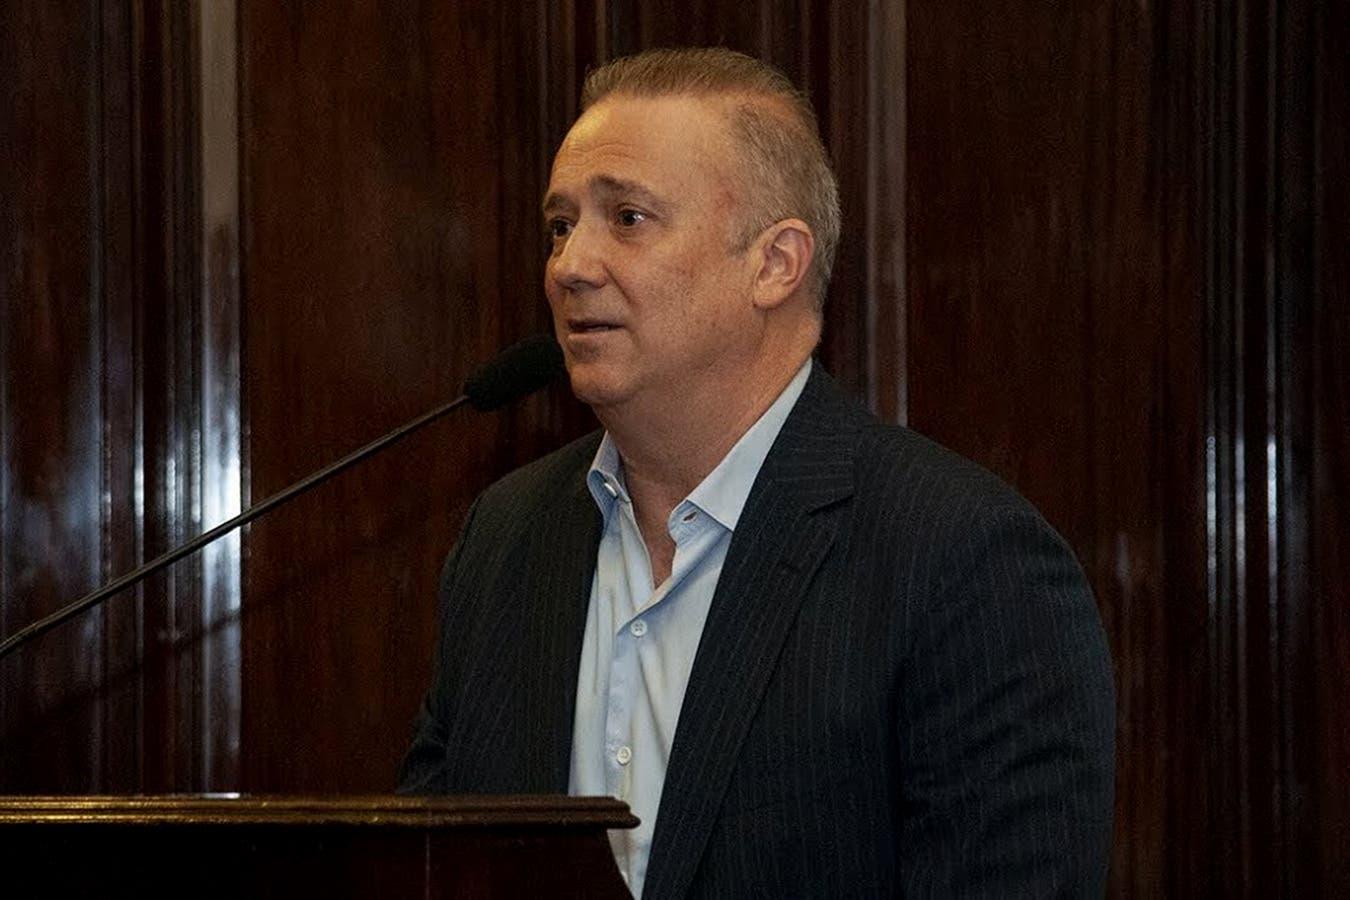 Para el constitucionalista Andrés Gil Domínguez, la Comisión es inconstitucional, tanto por sus facultades como por la forma en que fue creada